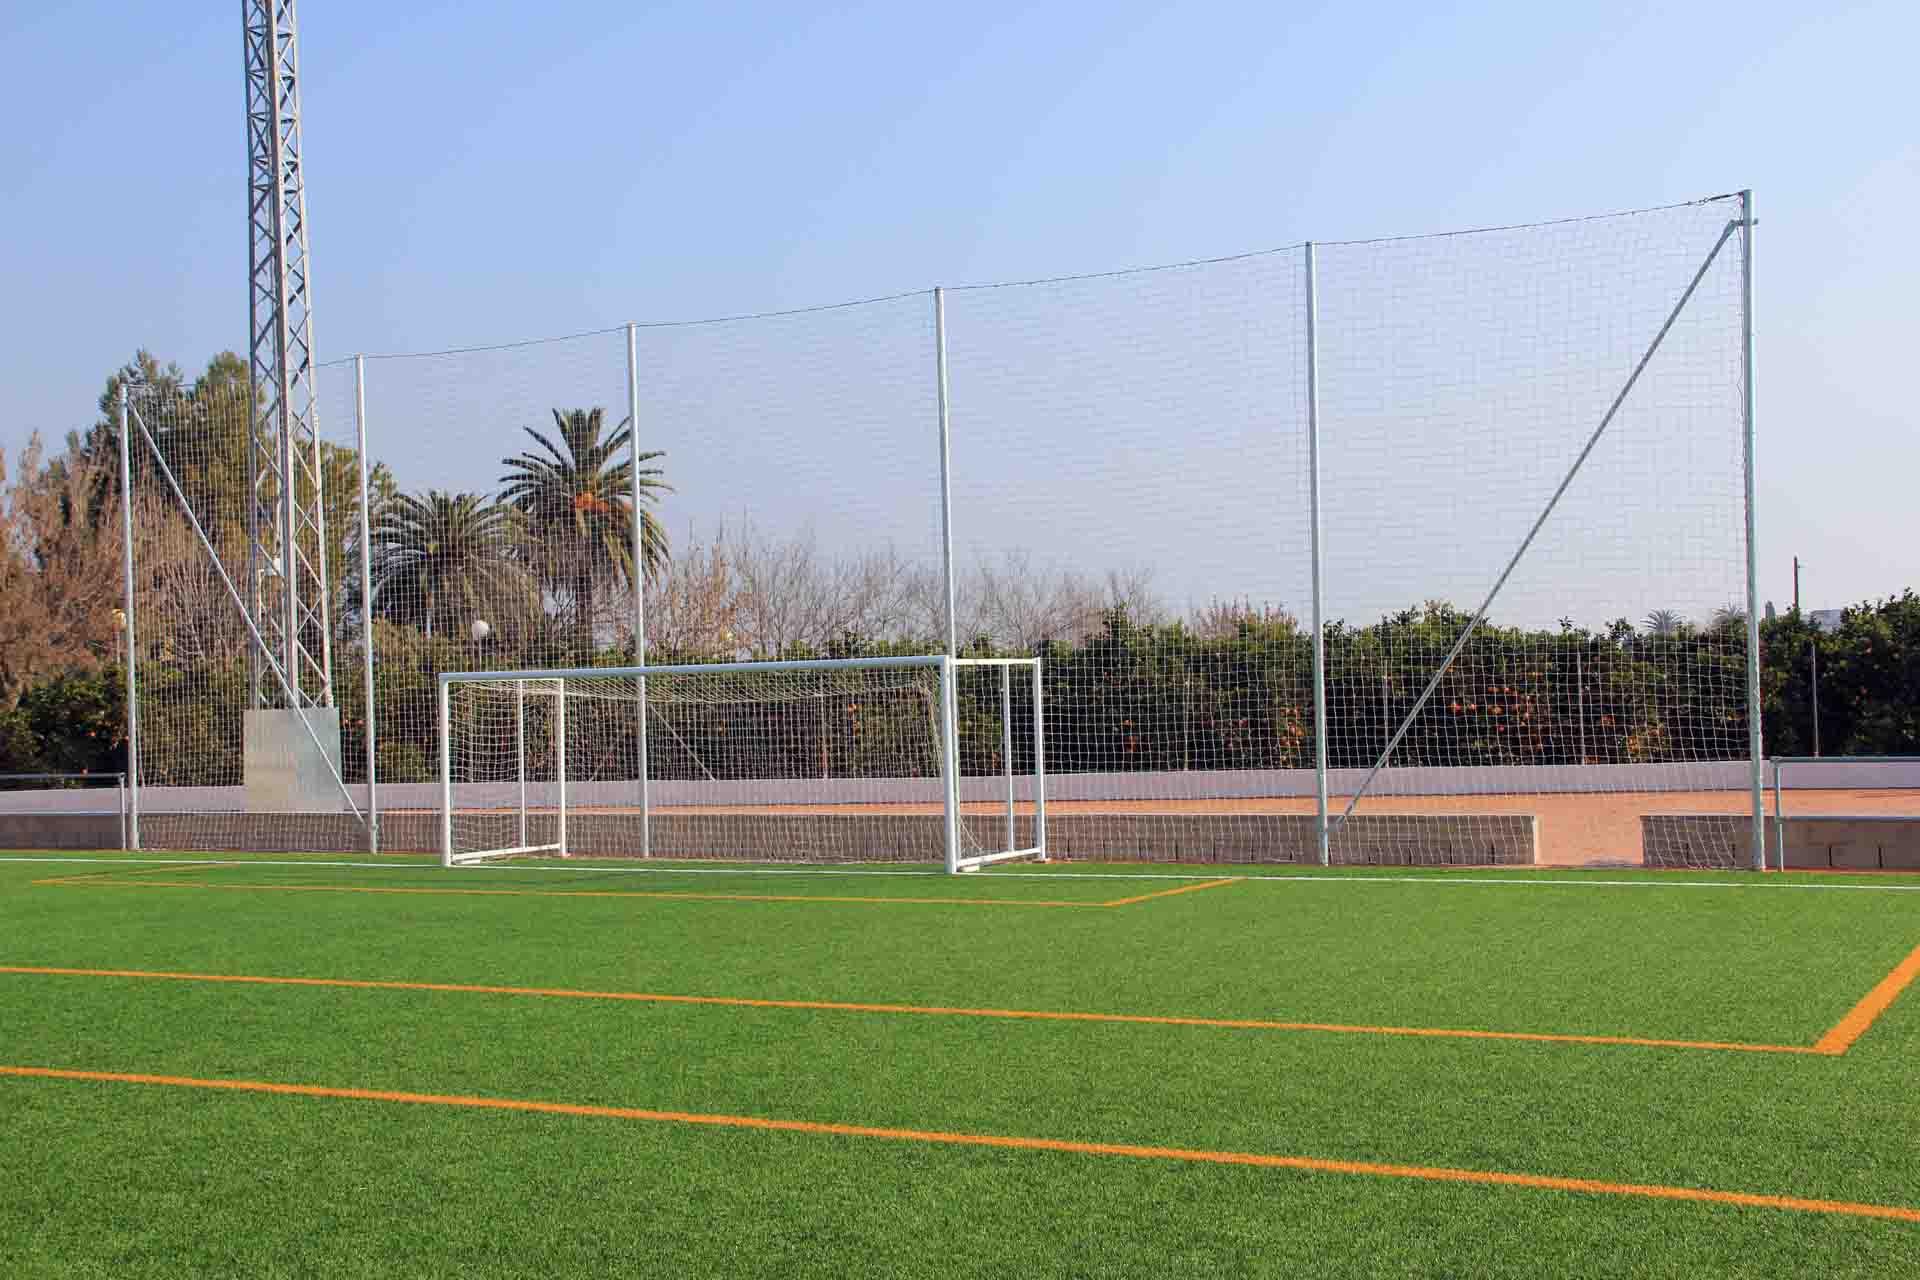 eff4d0381d84a Red de red de protección de fondos para campos de fútbol